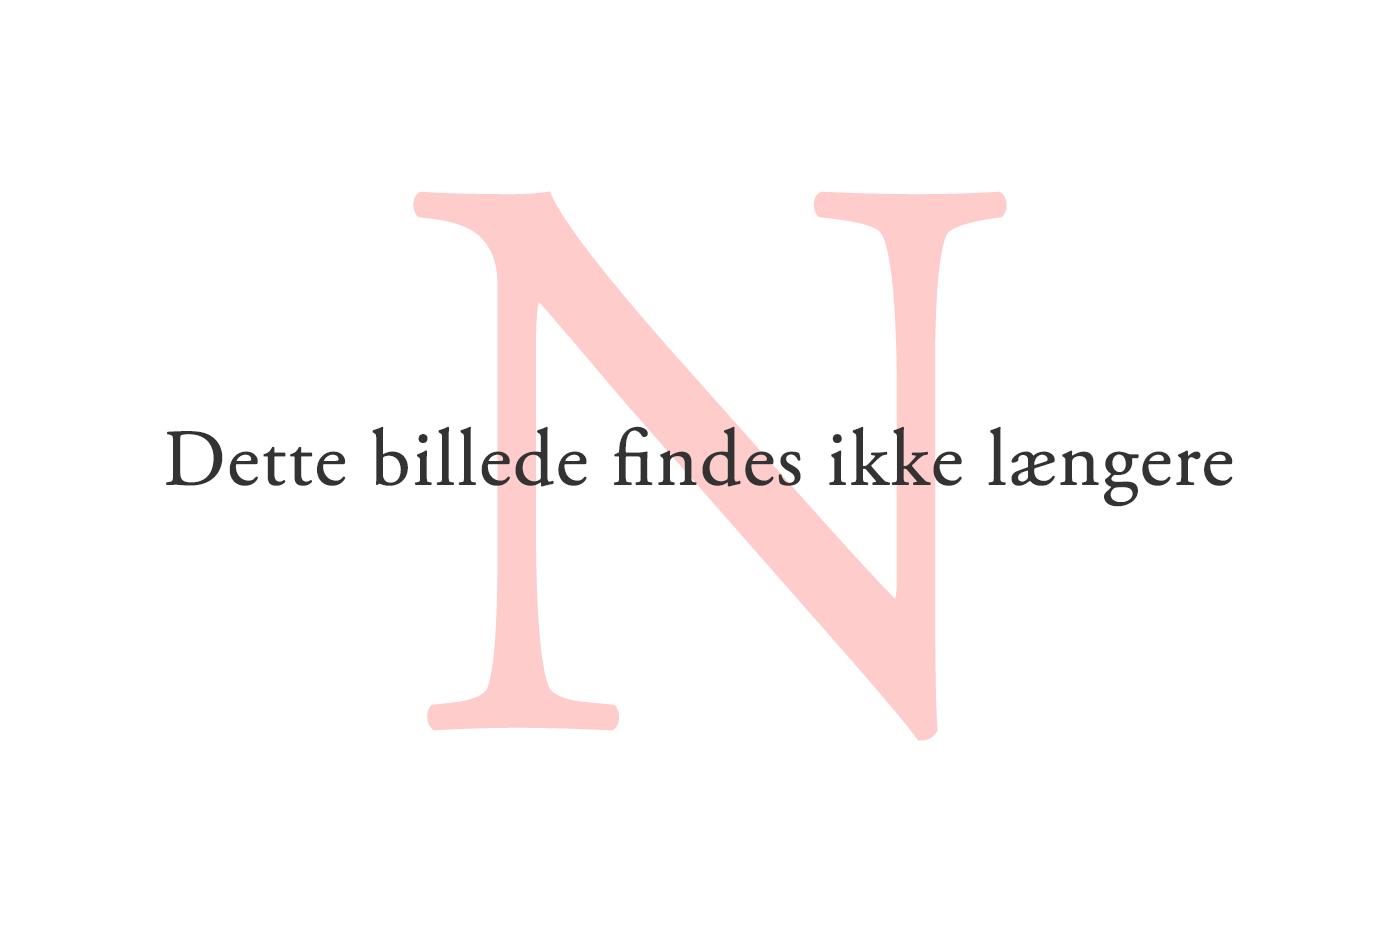 I fremtiden vil tang formentlig få en fast plads i danskernes indkøbsvogne. Foto: morgueFile.com